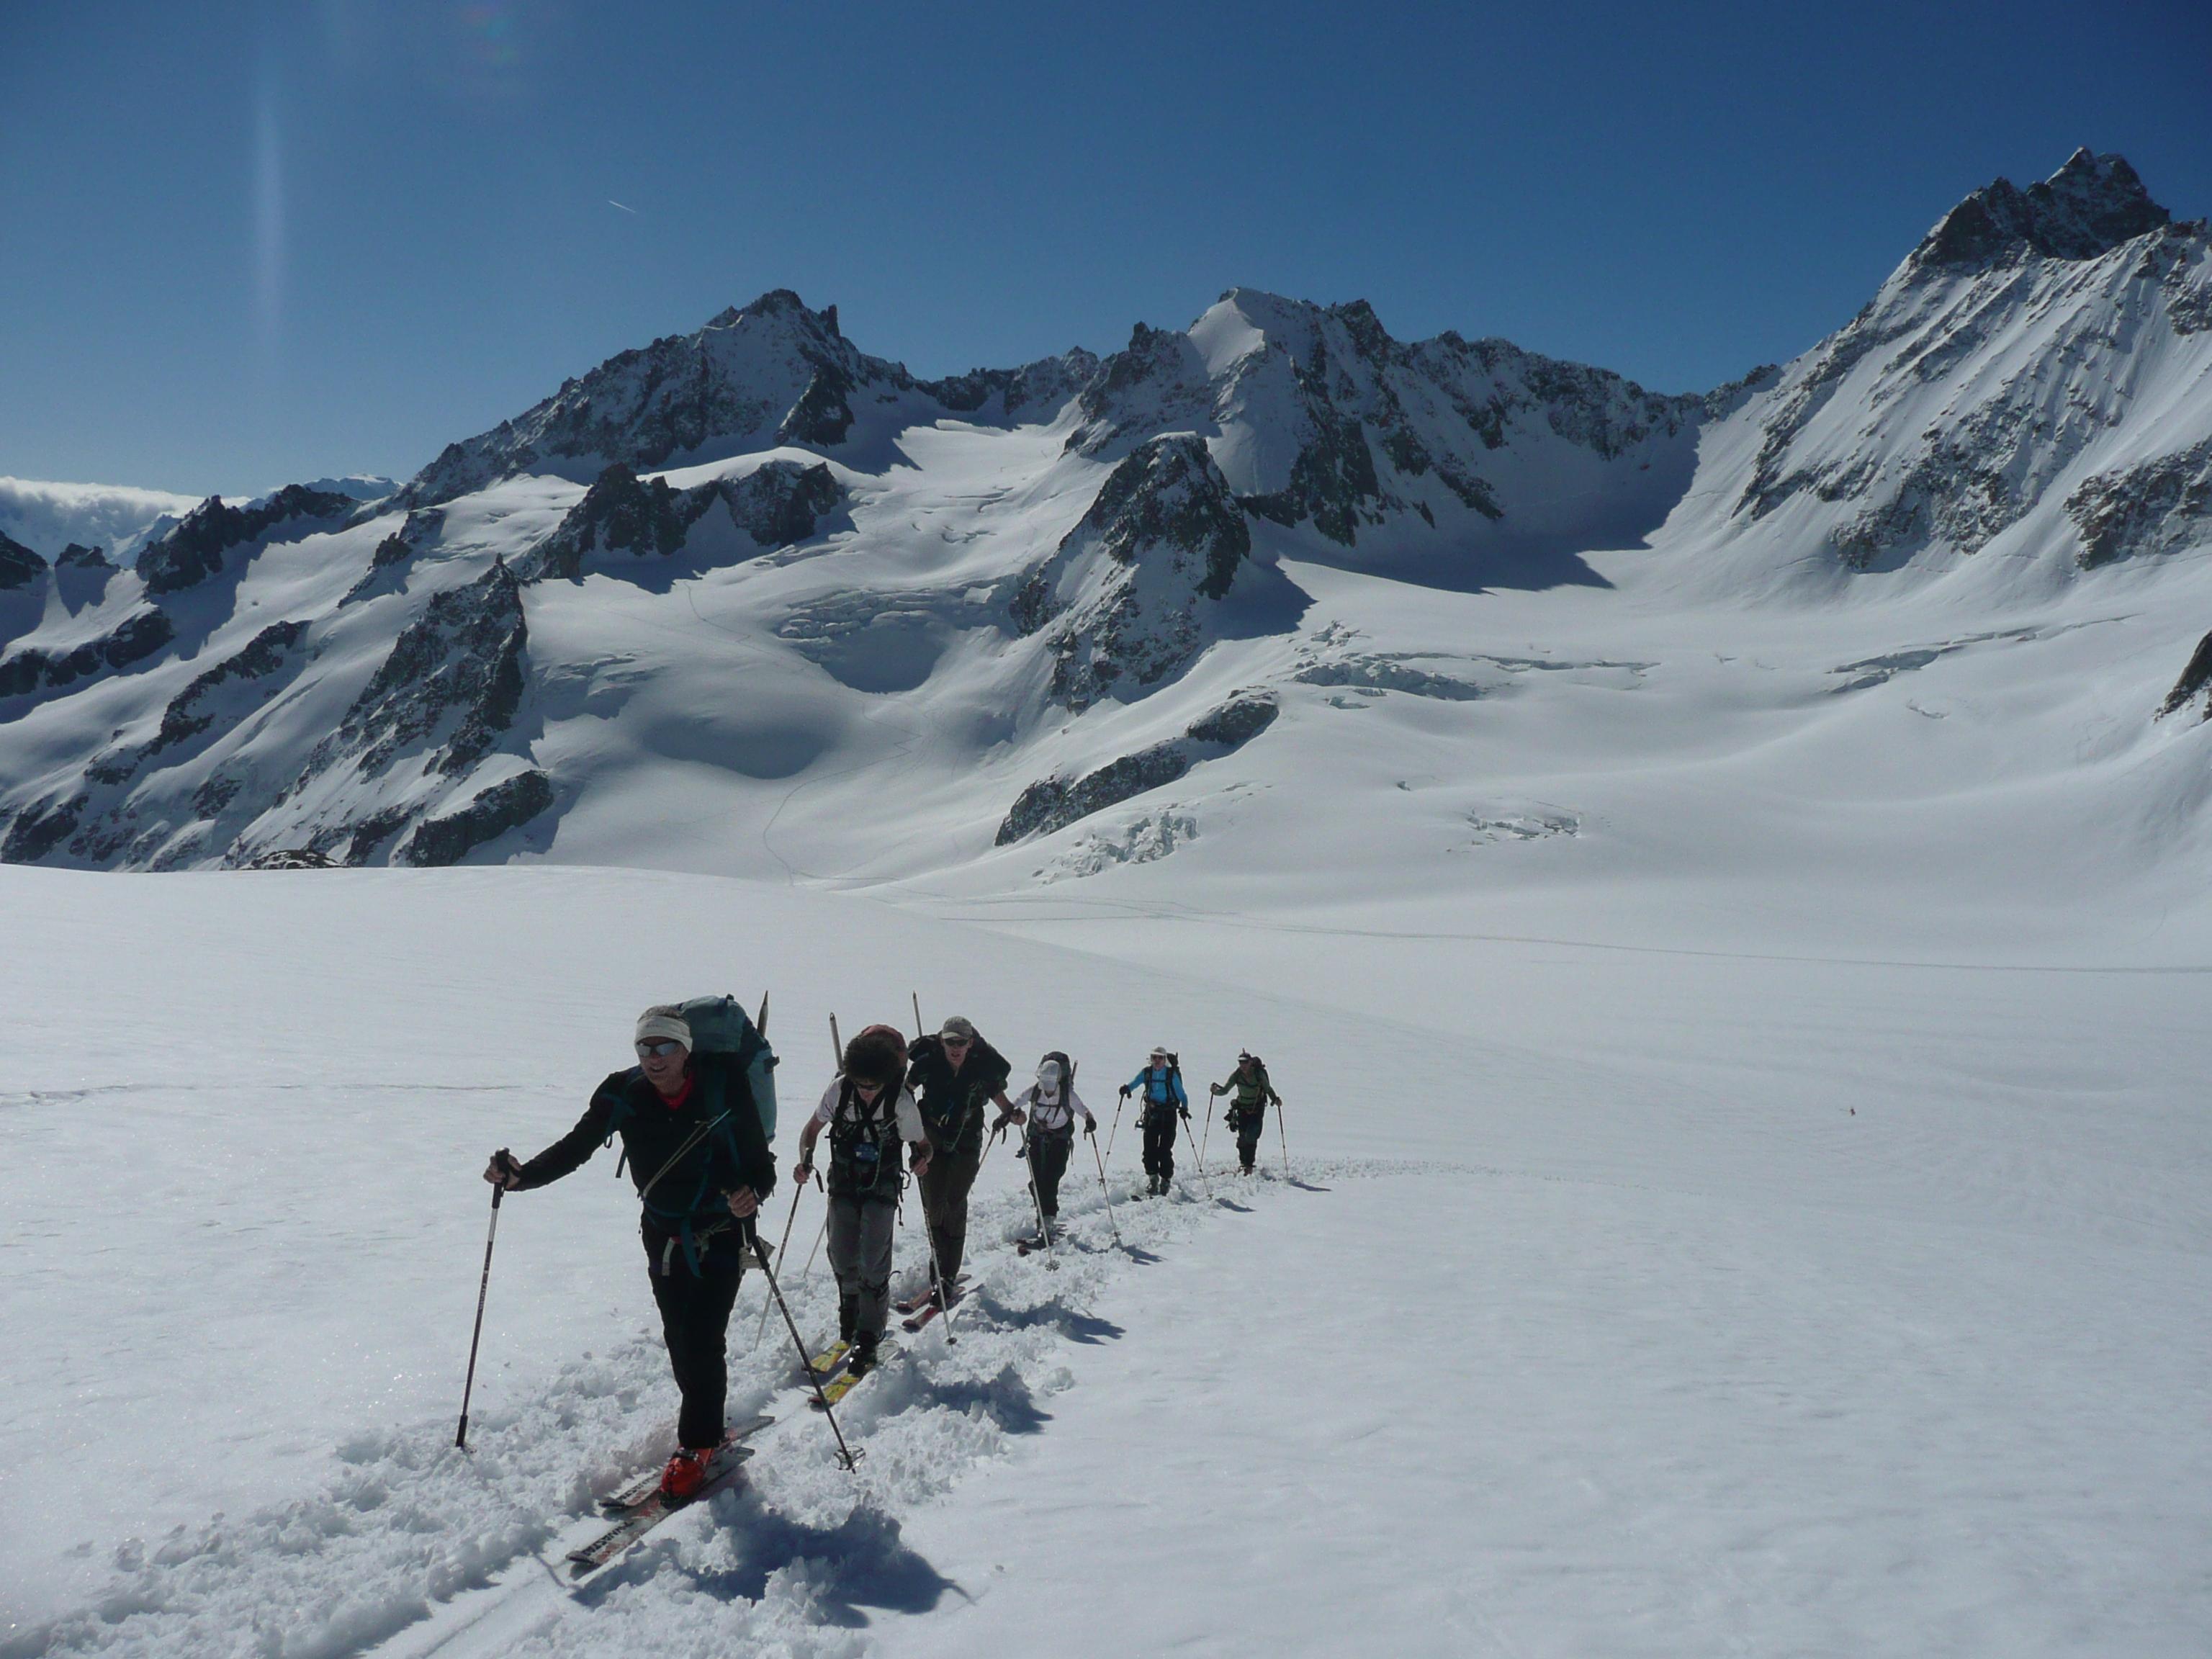 Chamonix Zermatt/Haute route